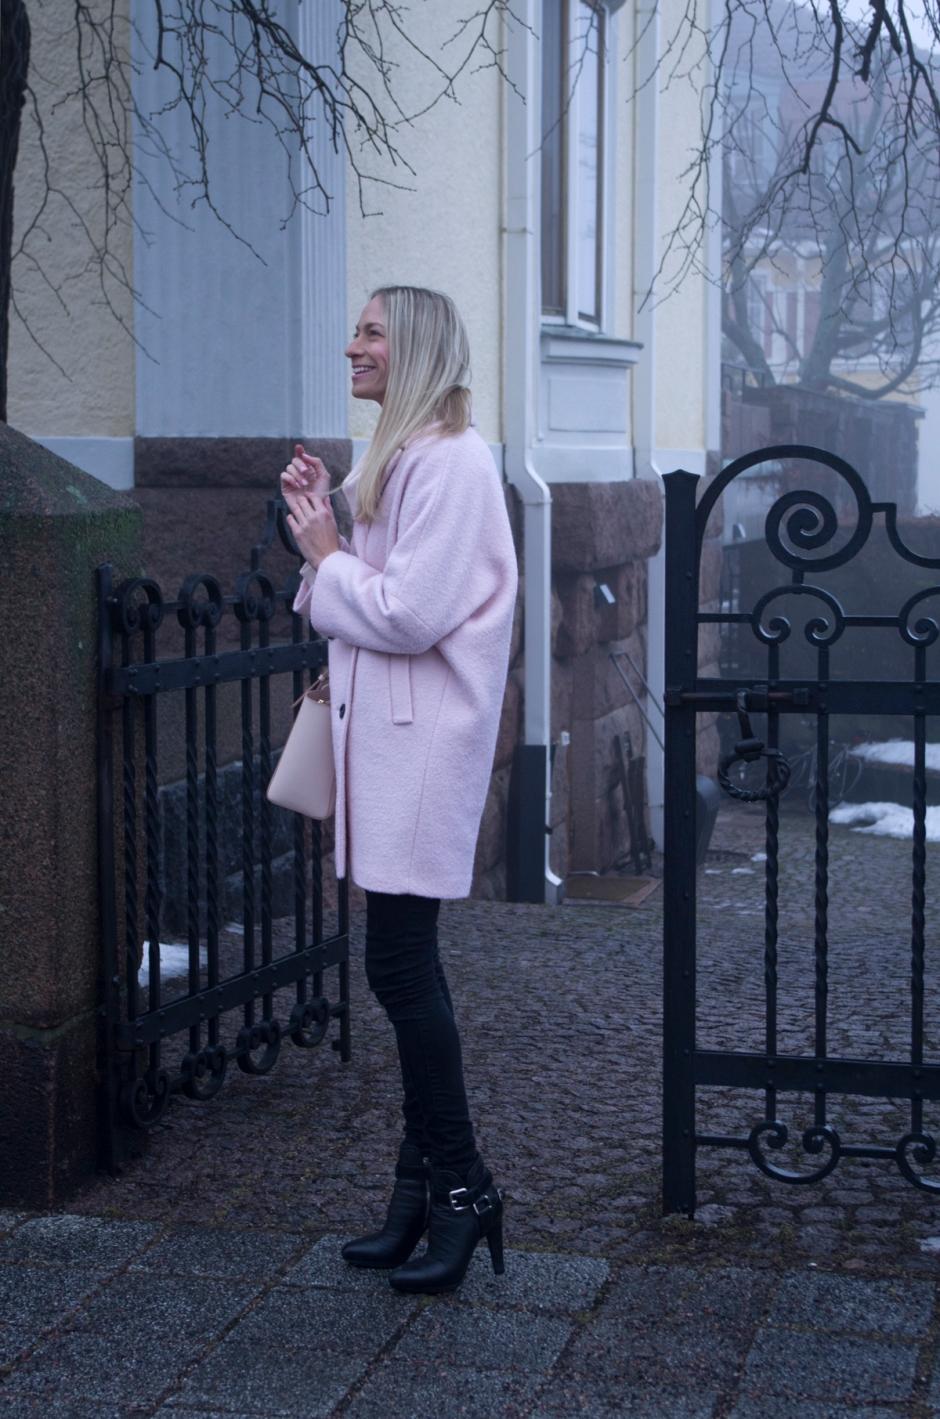 Reiss takki & Miu Miu nilkkurit | www.stillme.fi